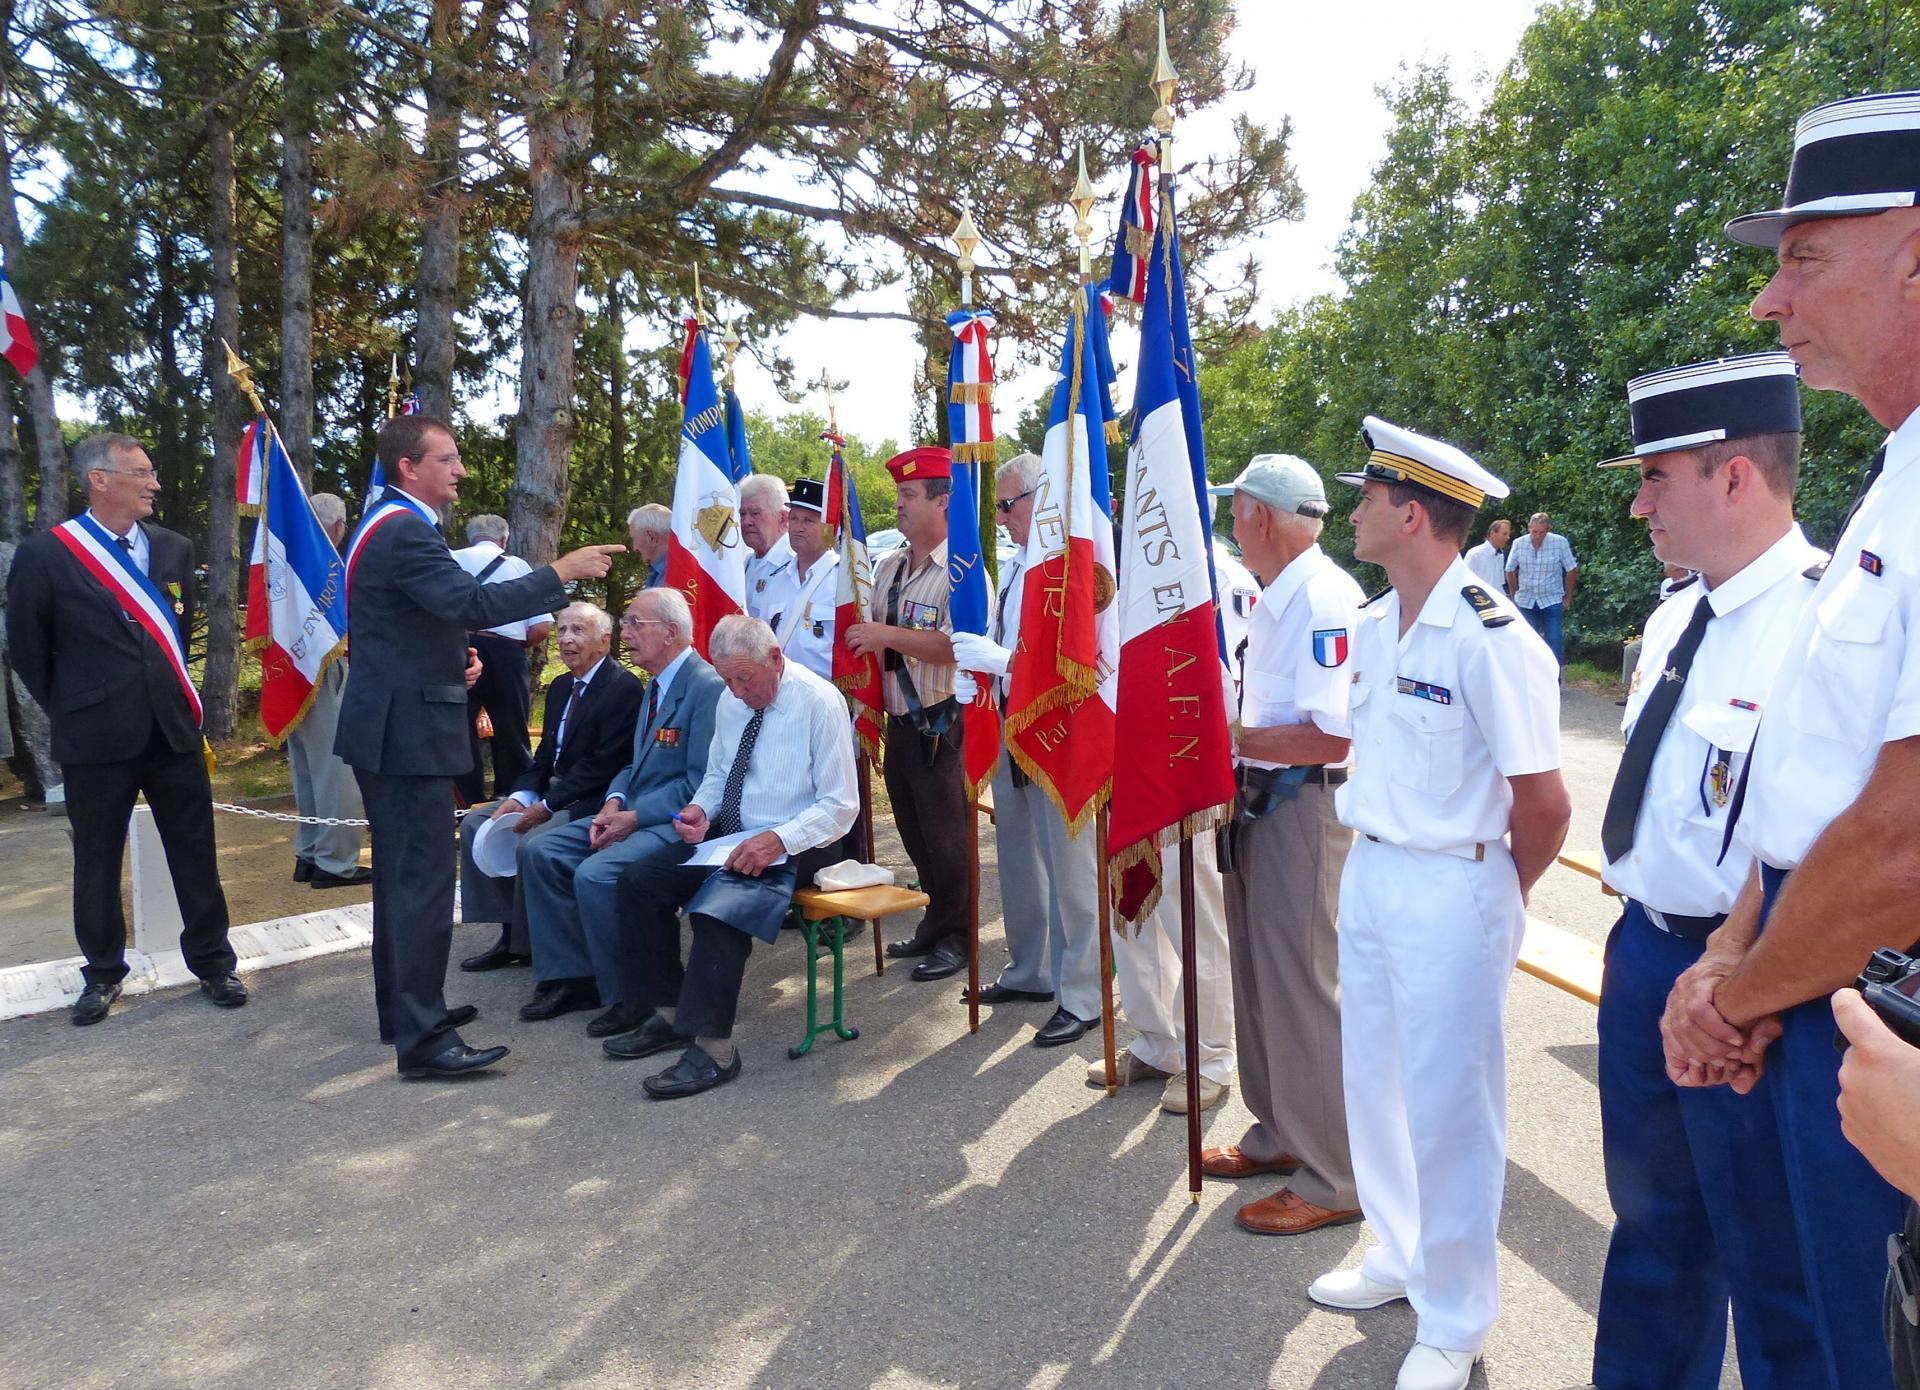 Guerres 1939 1945 france allemagne commemoration stele de soulier assis baulac raymond petit albert et chabanne pierre 2013 1